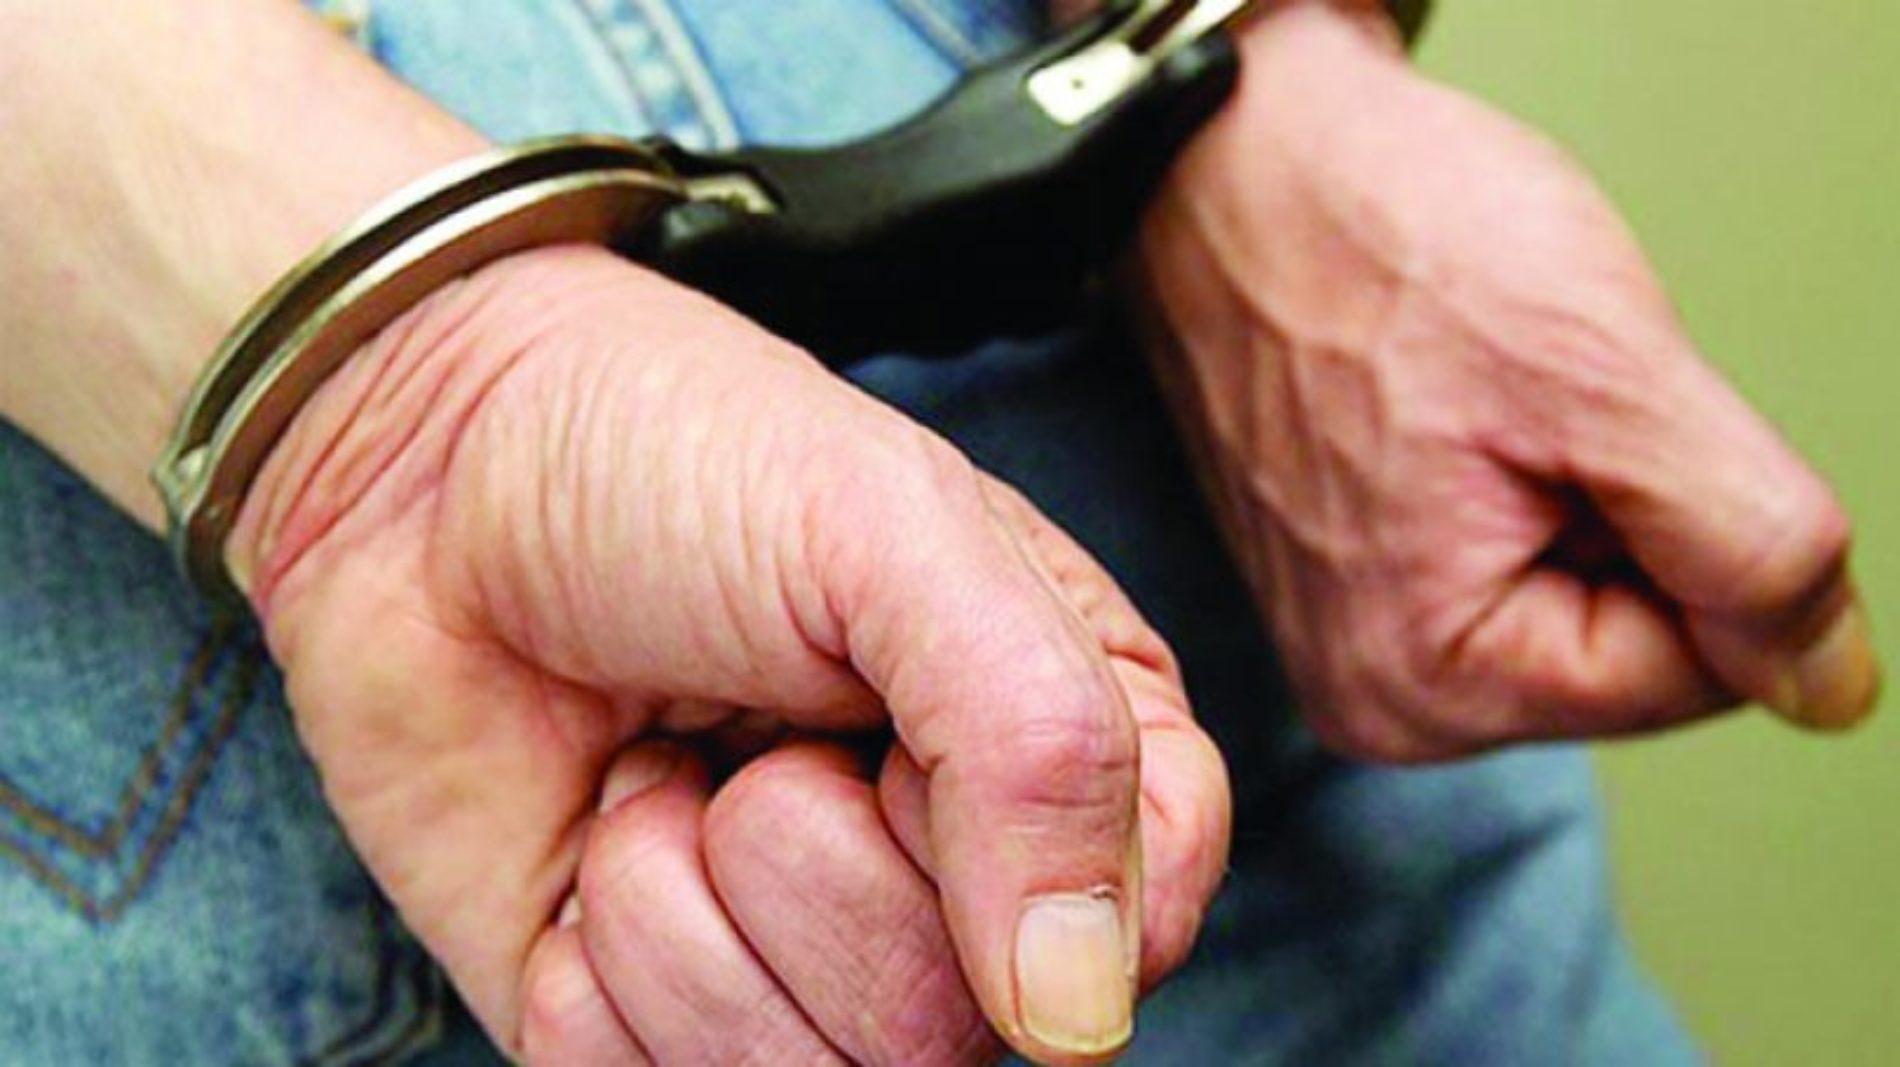 Covilhã: Detido em flagrante por violência doméstica